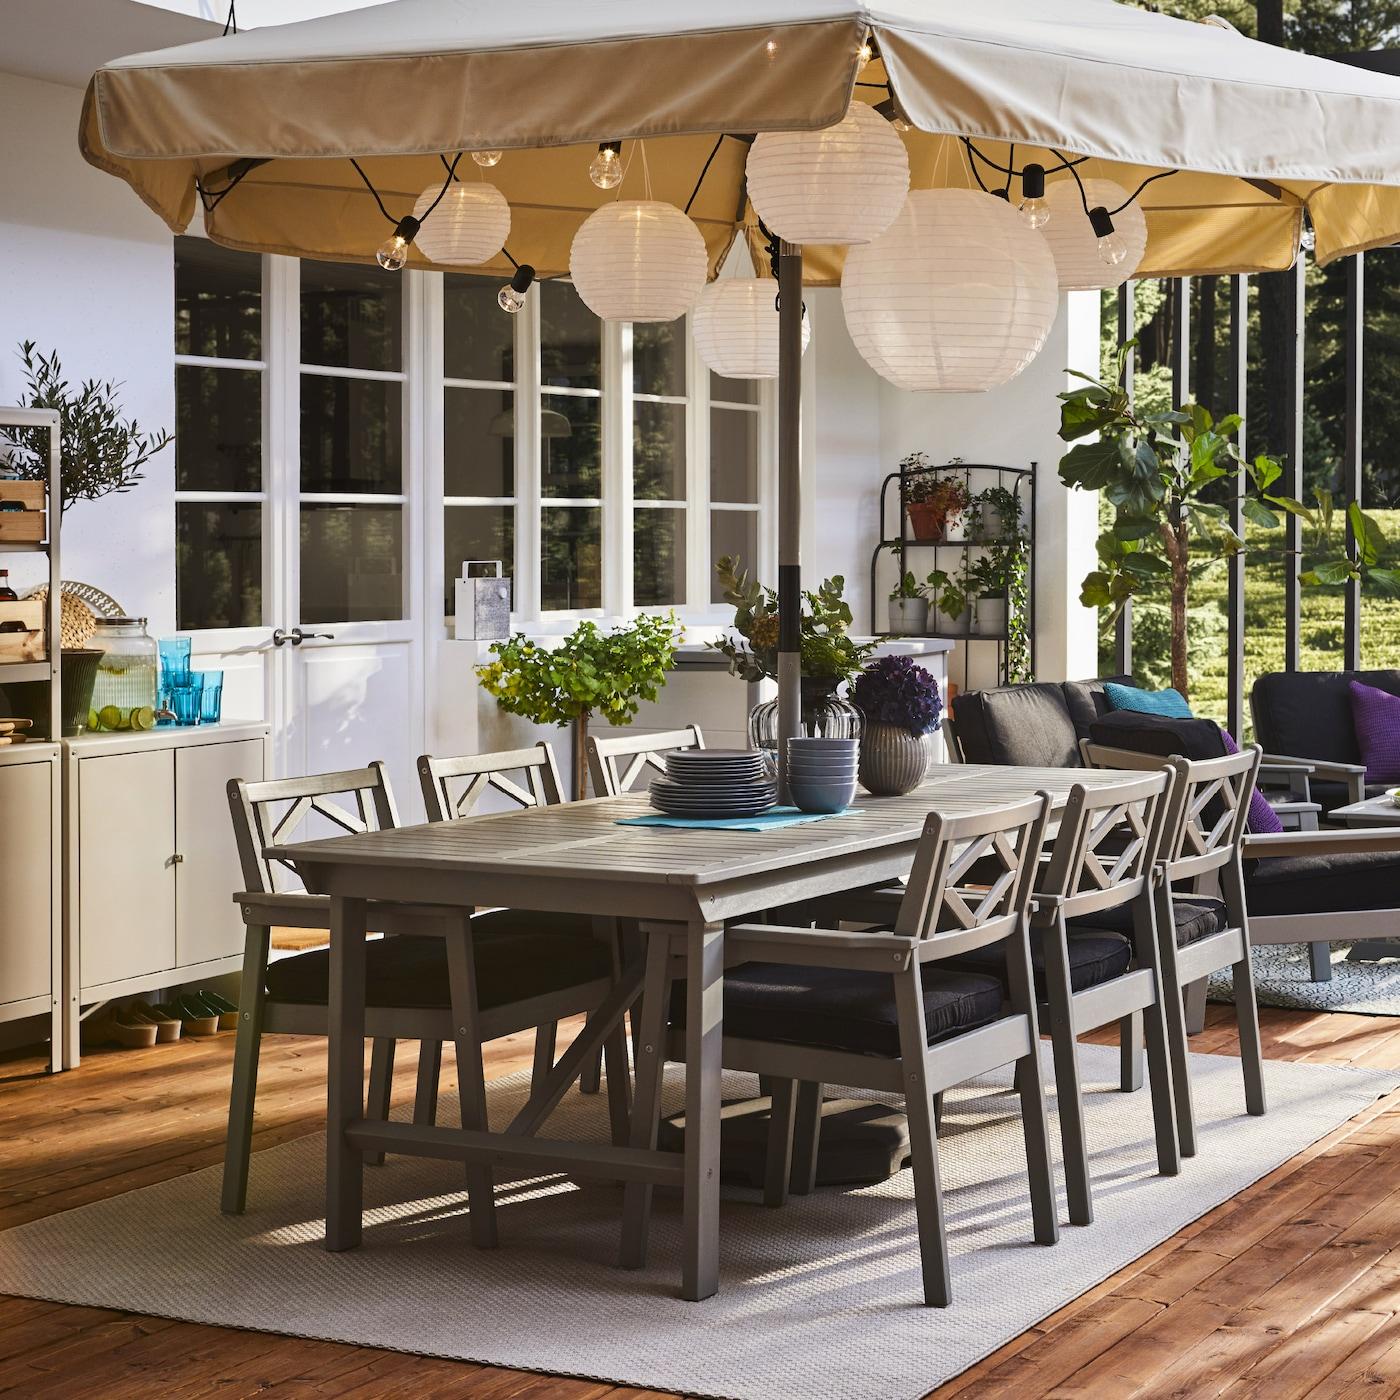 Un grand patio avec une table et des chaises à accoudoirs en gris, un grand parasol, des suspensions rondes et une terrasse en bois.